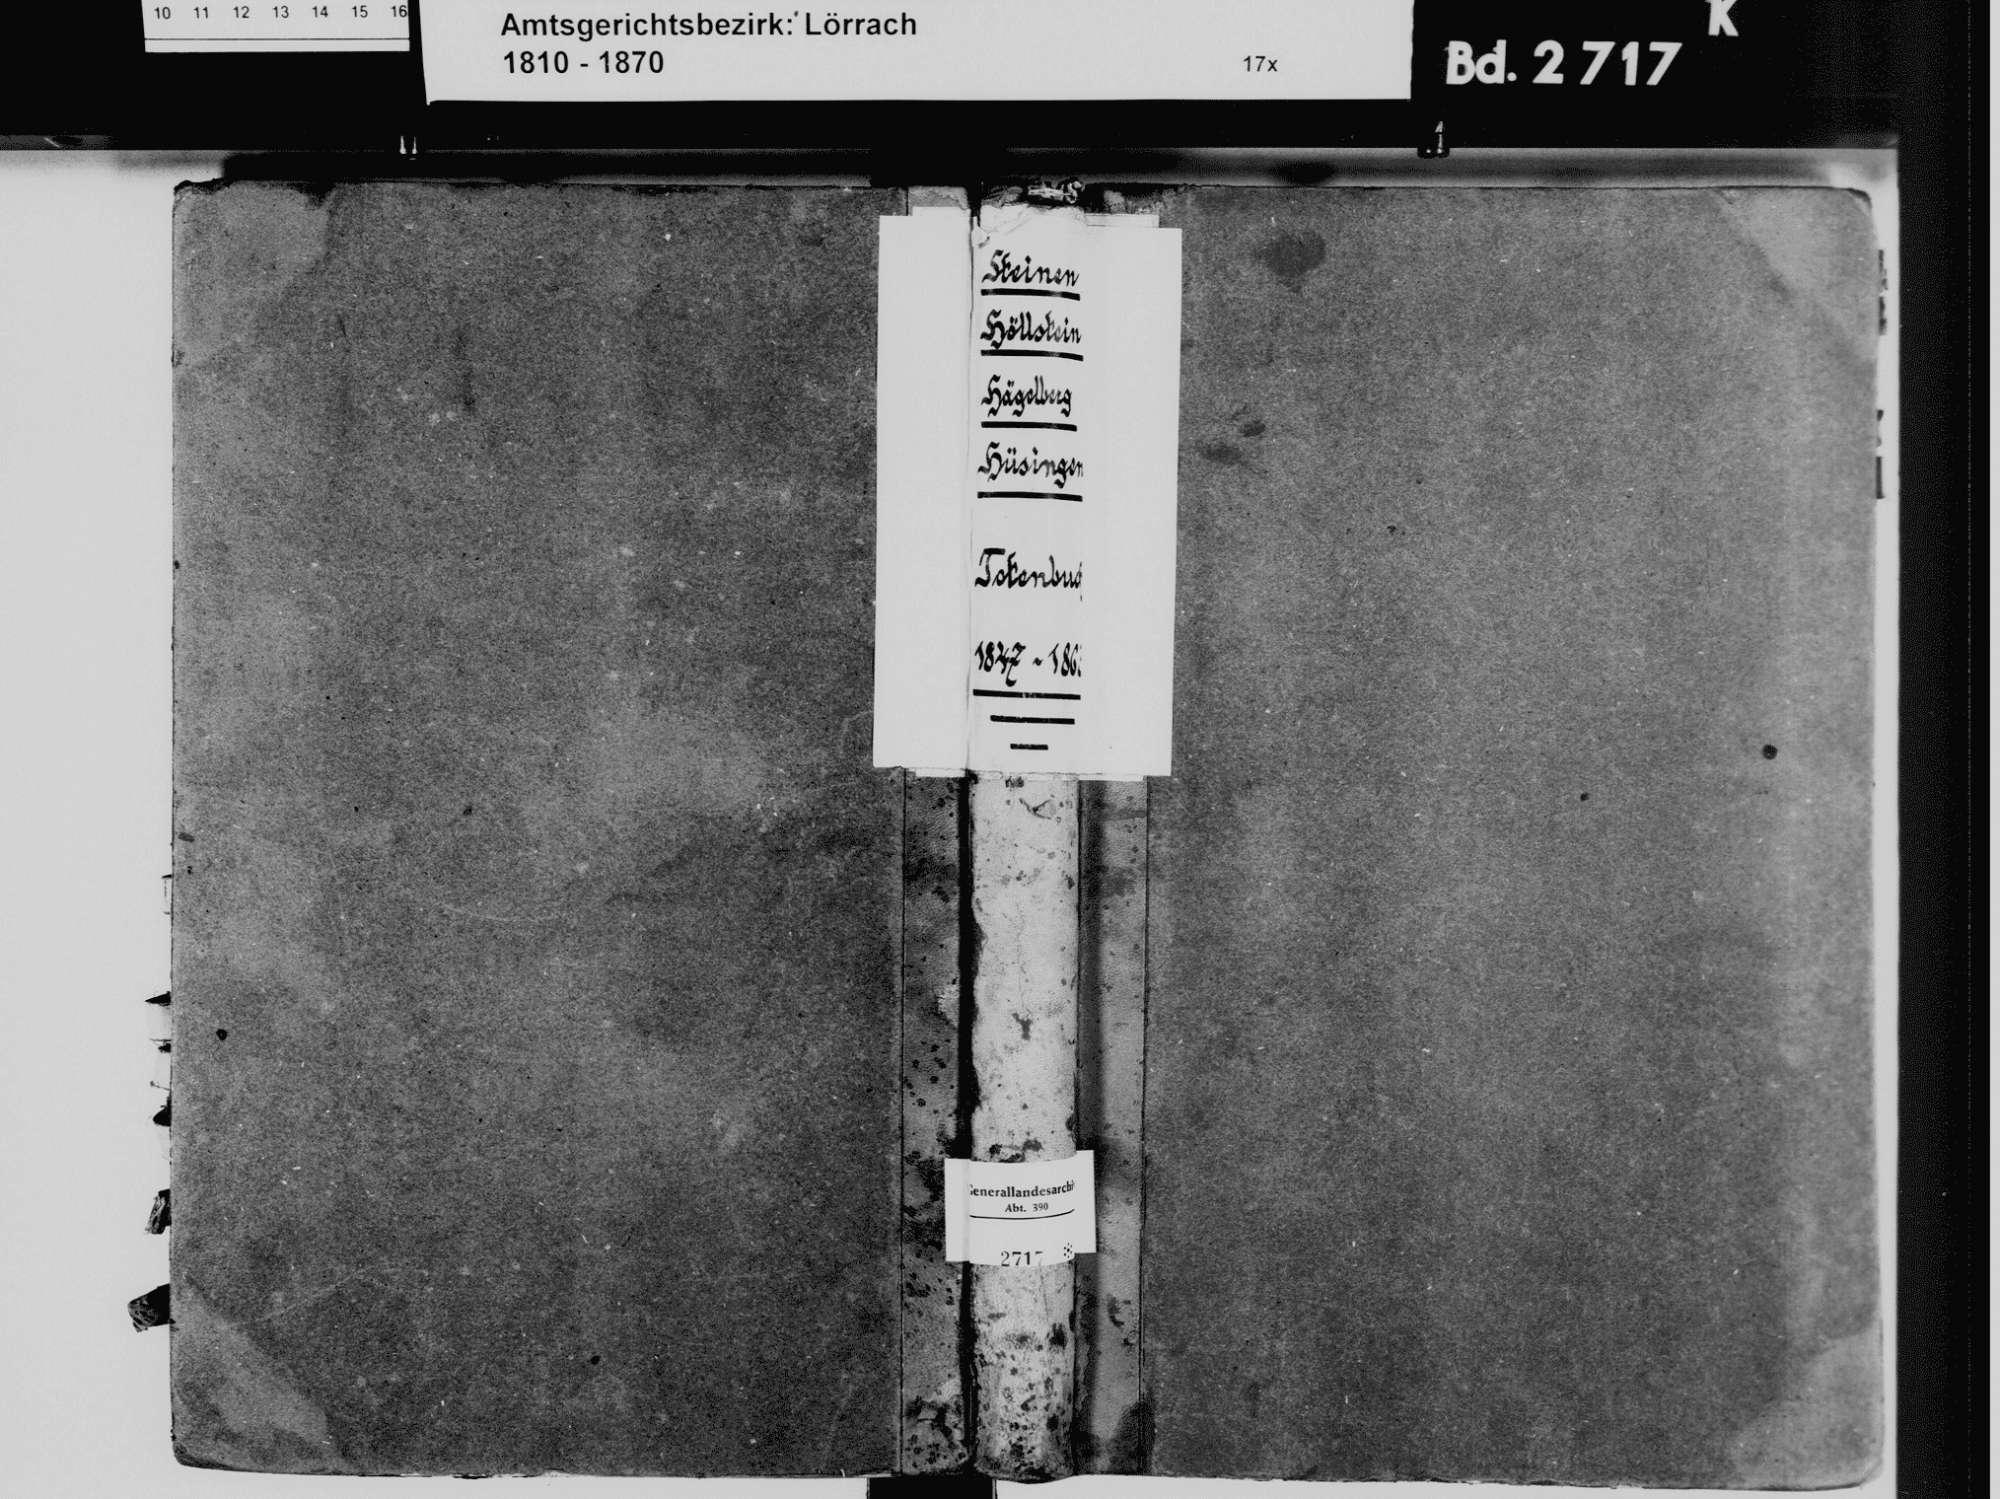 Steinen LÖ; Evangelische Gemeinde: Sterbebuch 1847-1863 Enthält: Einzelne Katholische Einträge, Bild 2